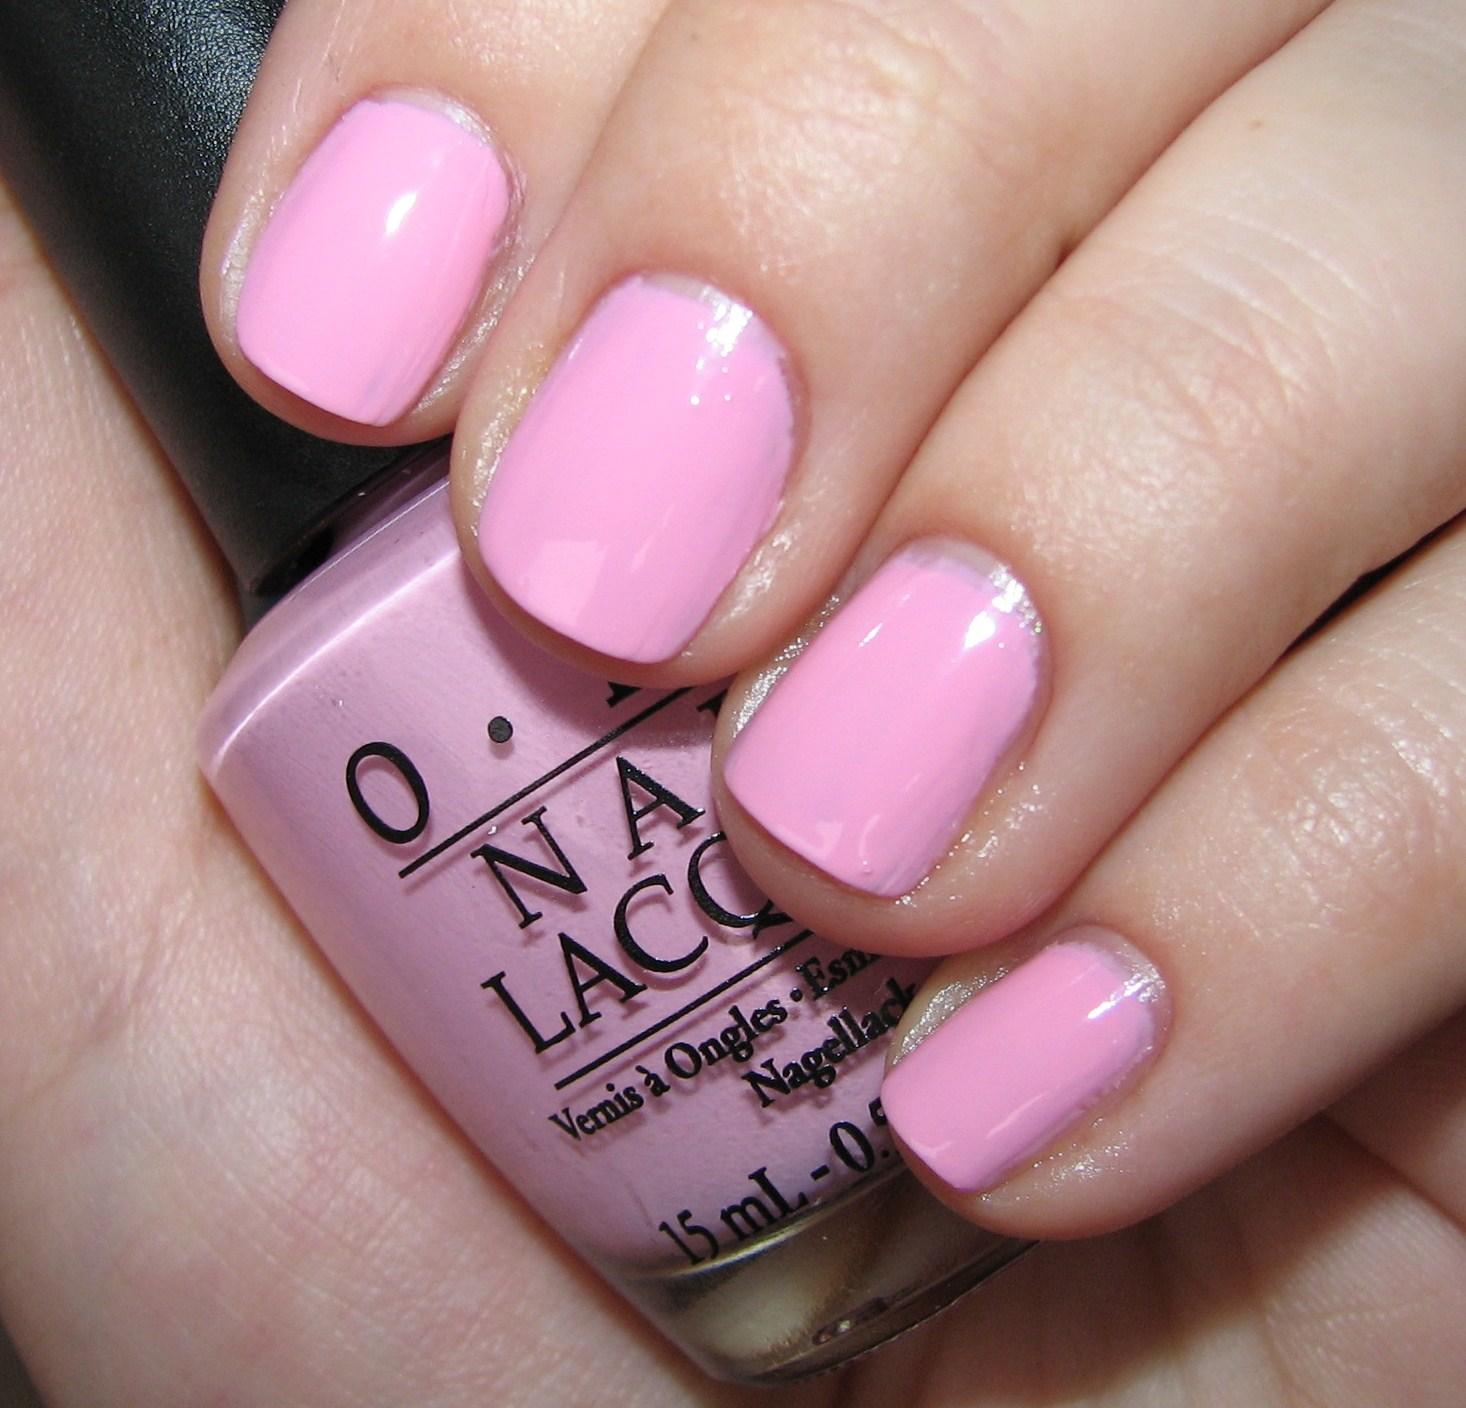 Cotton Candy Nail Polish Opi: OPI Nicki Minaj Collection Nail Polish Swatches And Review